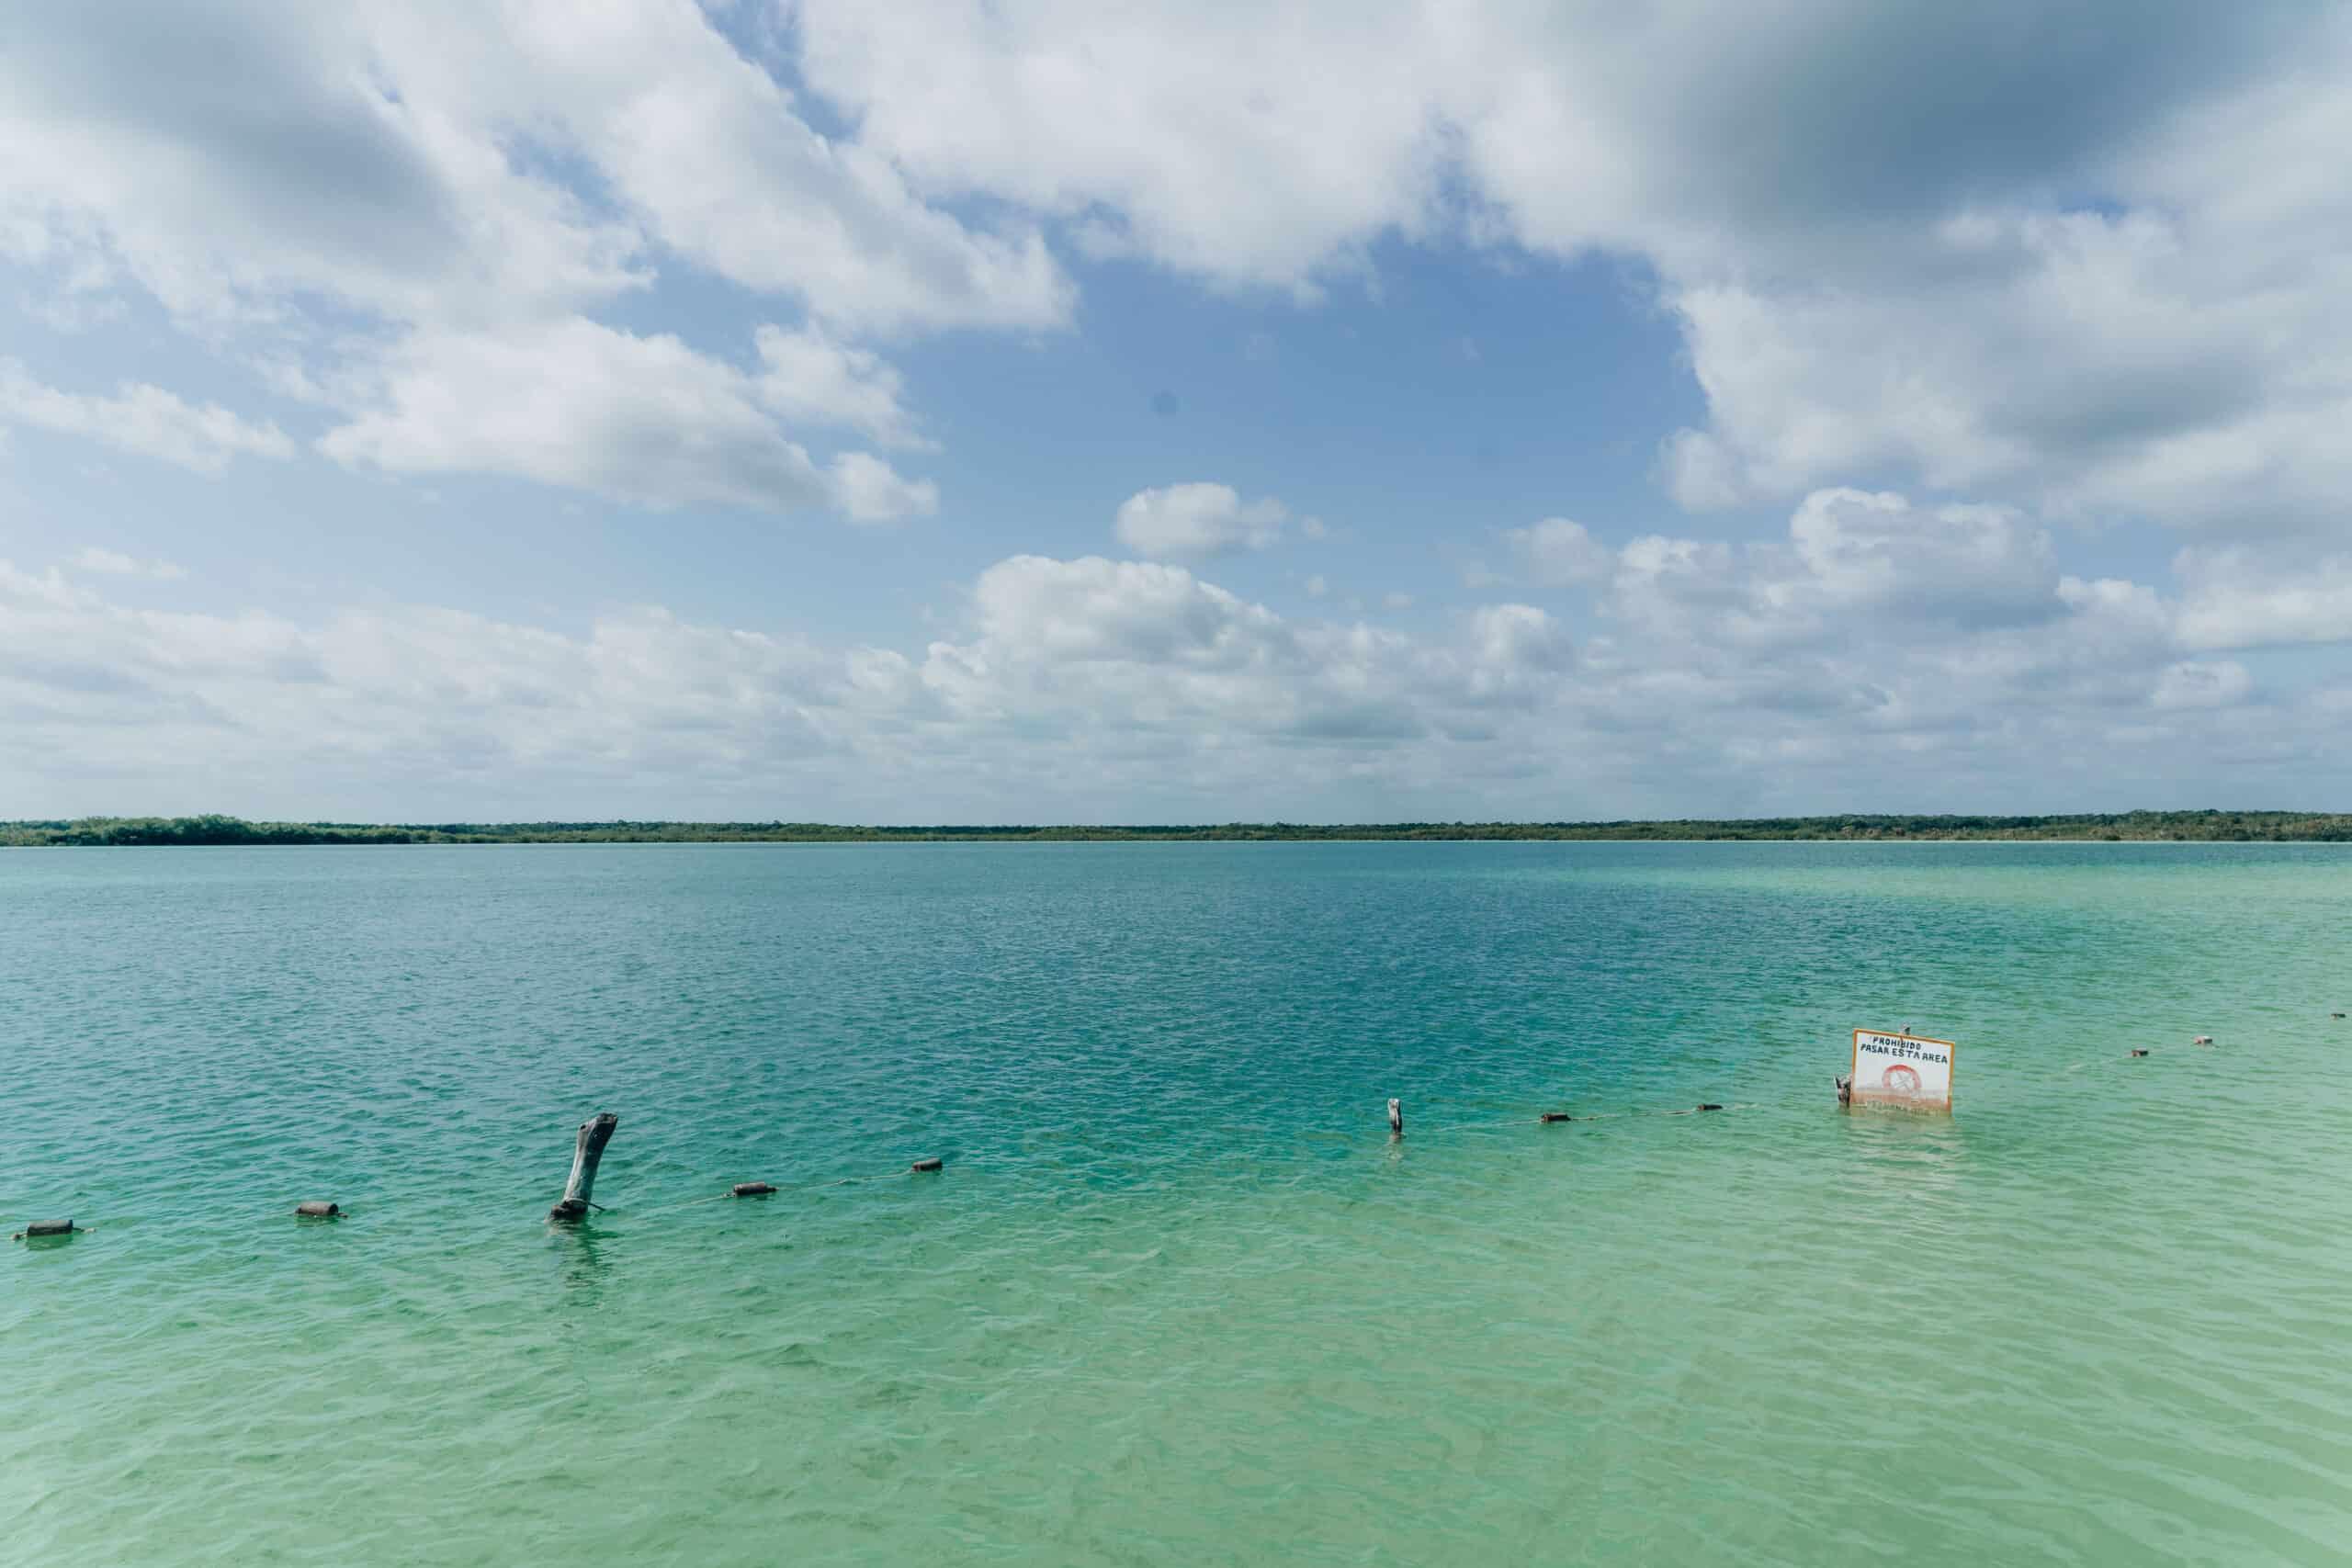 kaan luum lagoon